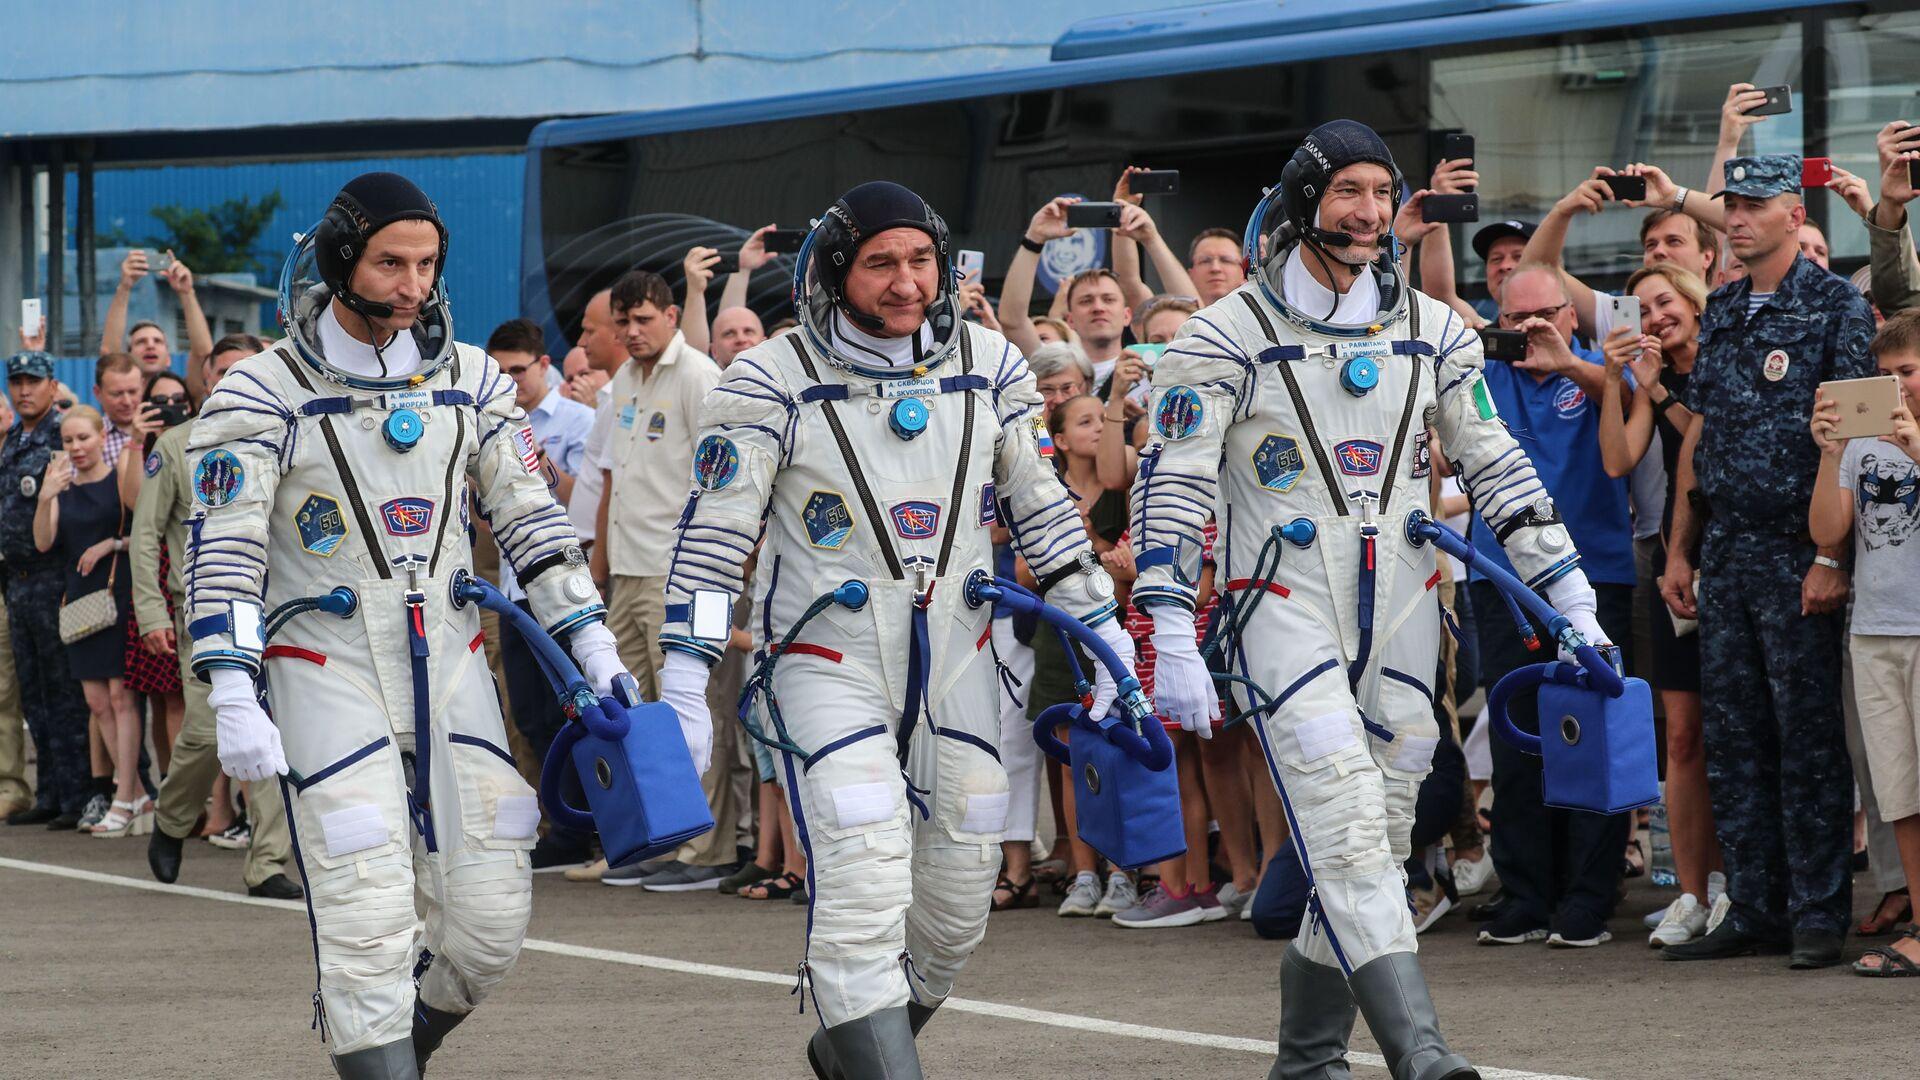 El astronauta estadounidense Andrew Morgan, el cosmonauta ruso Alexandr Skvortsov y el italiano Luca Parmitano - Sputnik Mundo, 1920, 16.02.2021